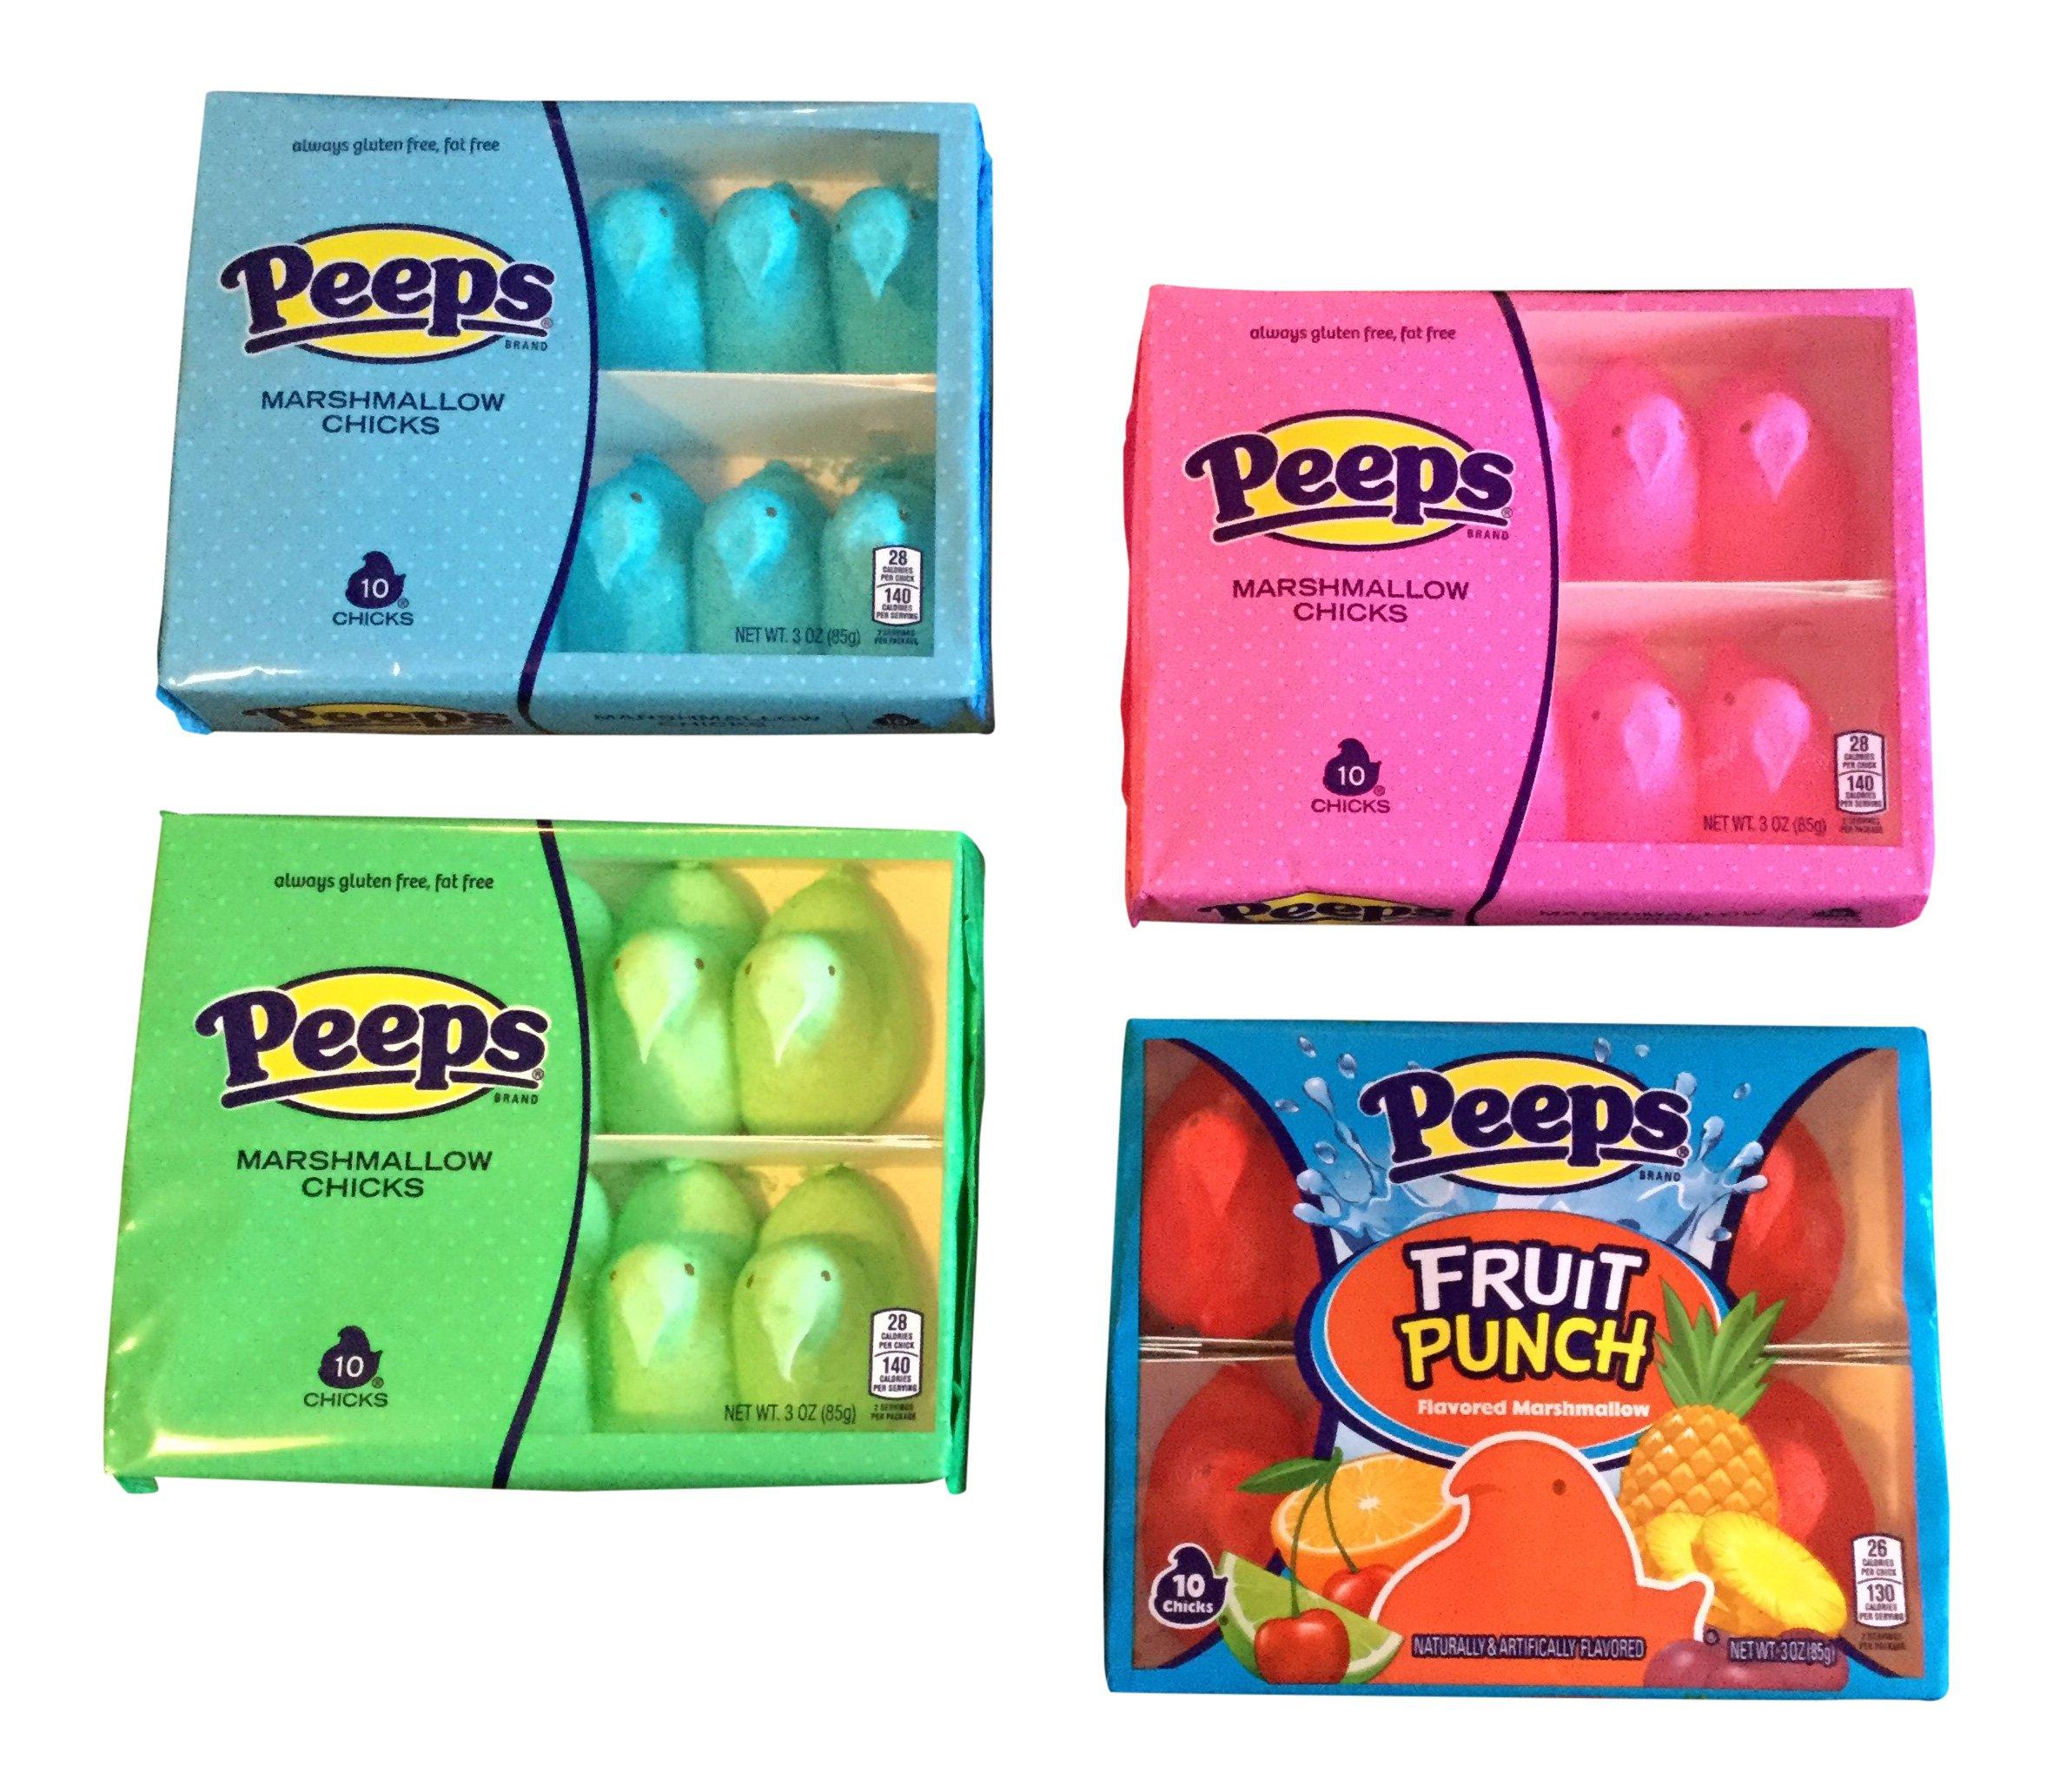 Peeps Easter Spring 4 Pack Variety Bundle - 10 Chicks Each Package